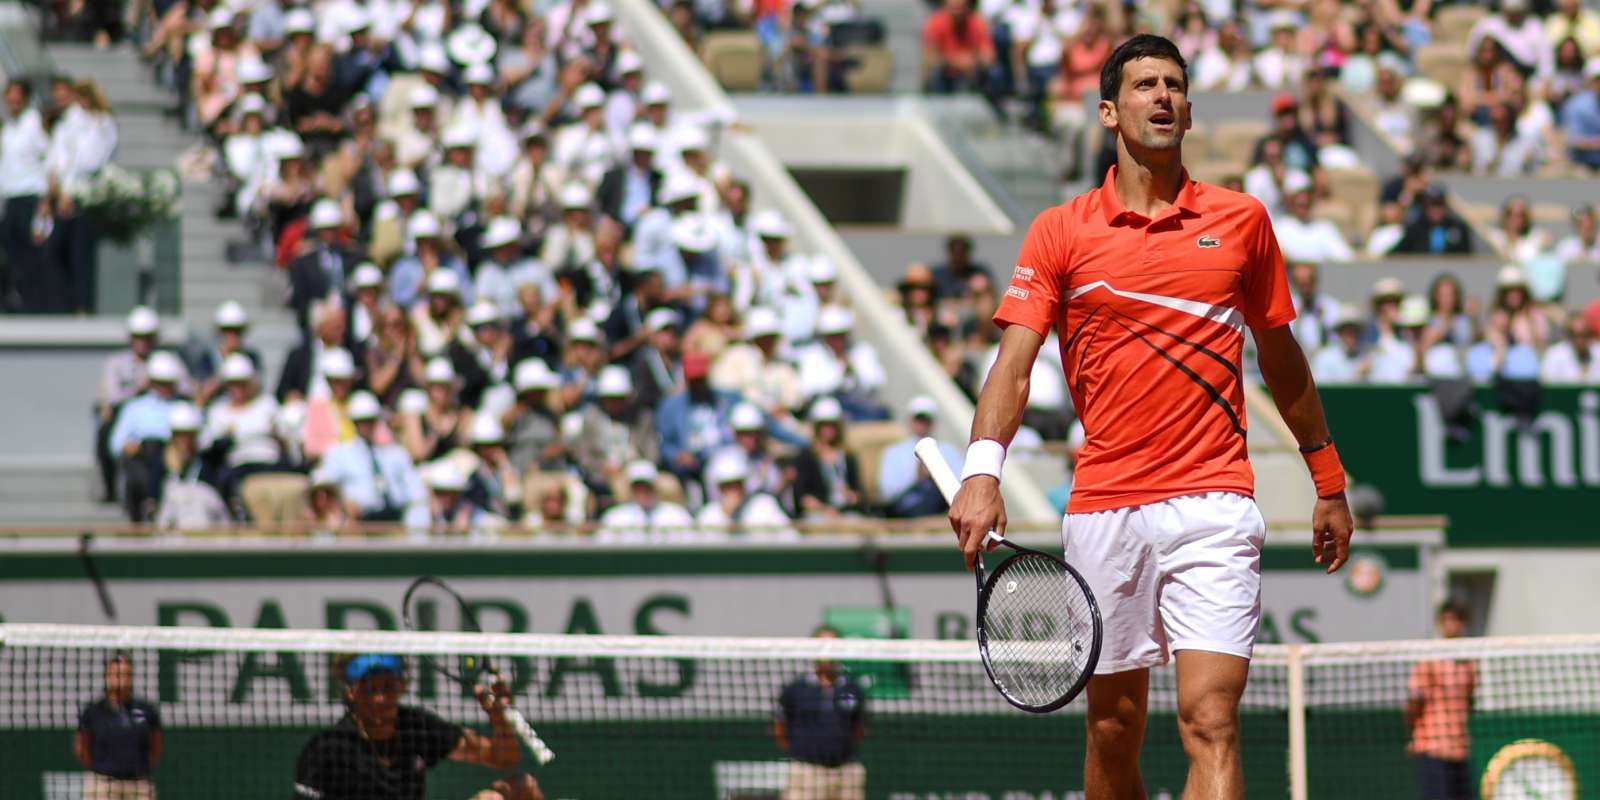 Novak Djokovic s'est imposé sans trembler face à Zverev.